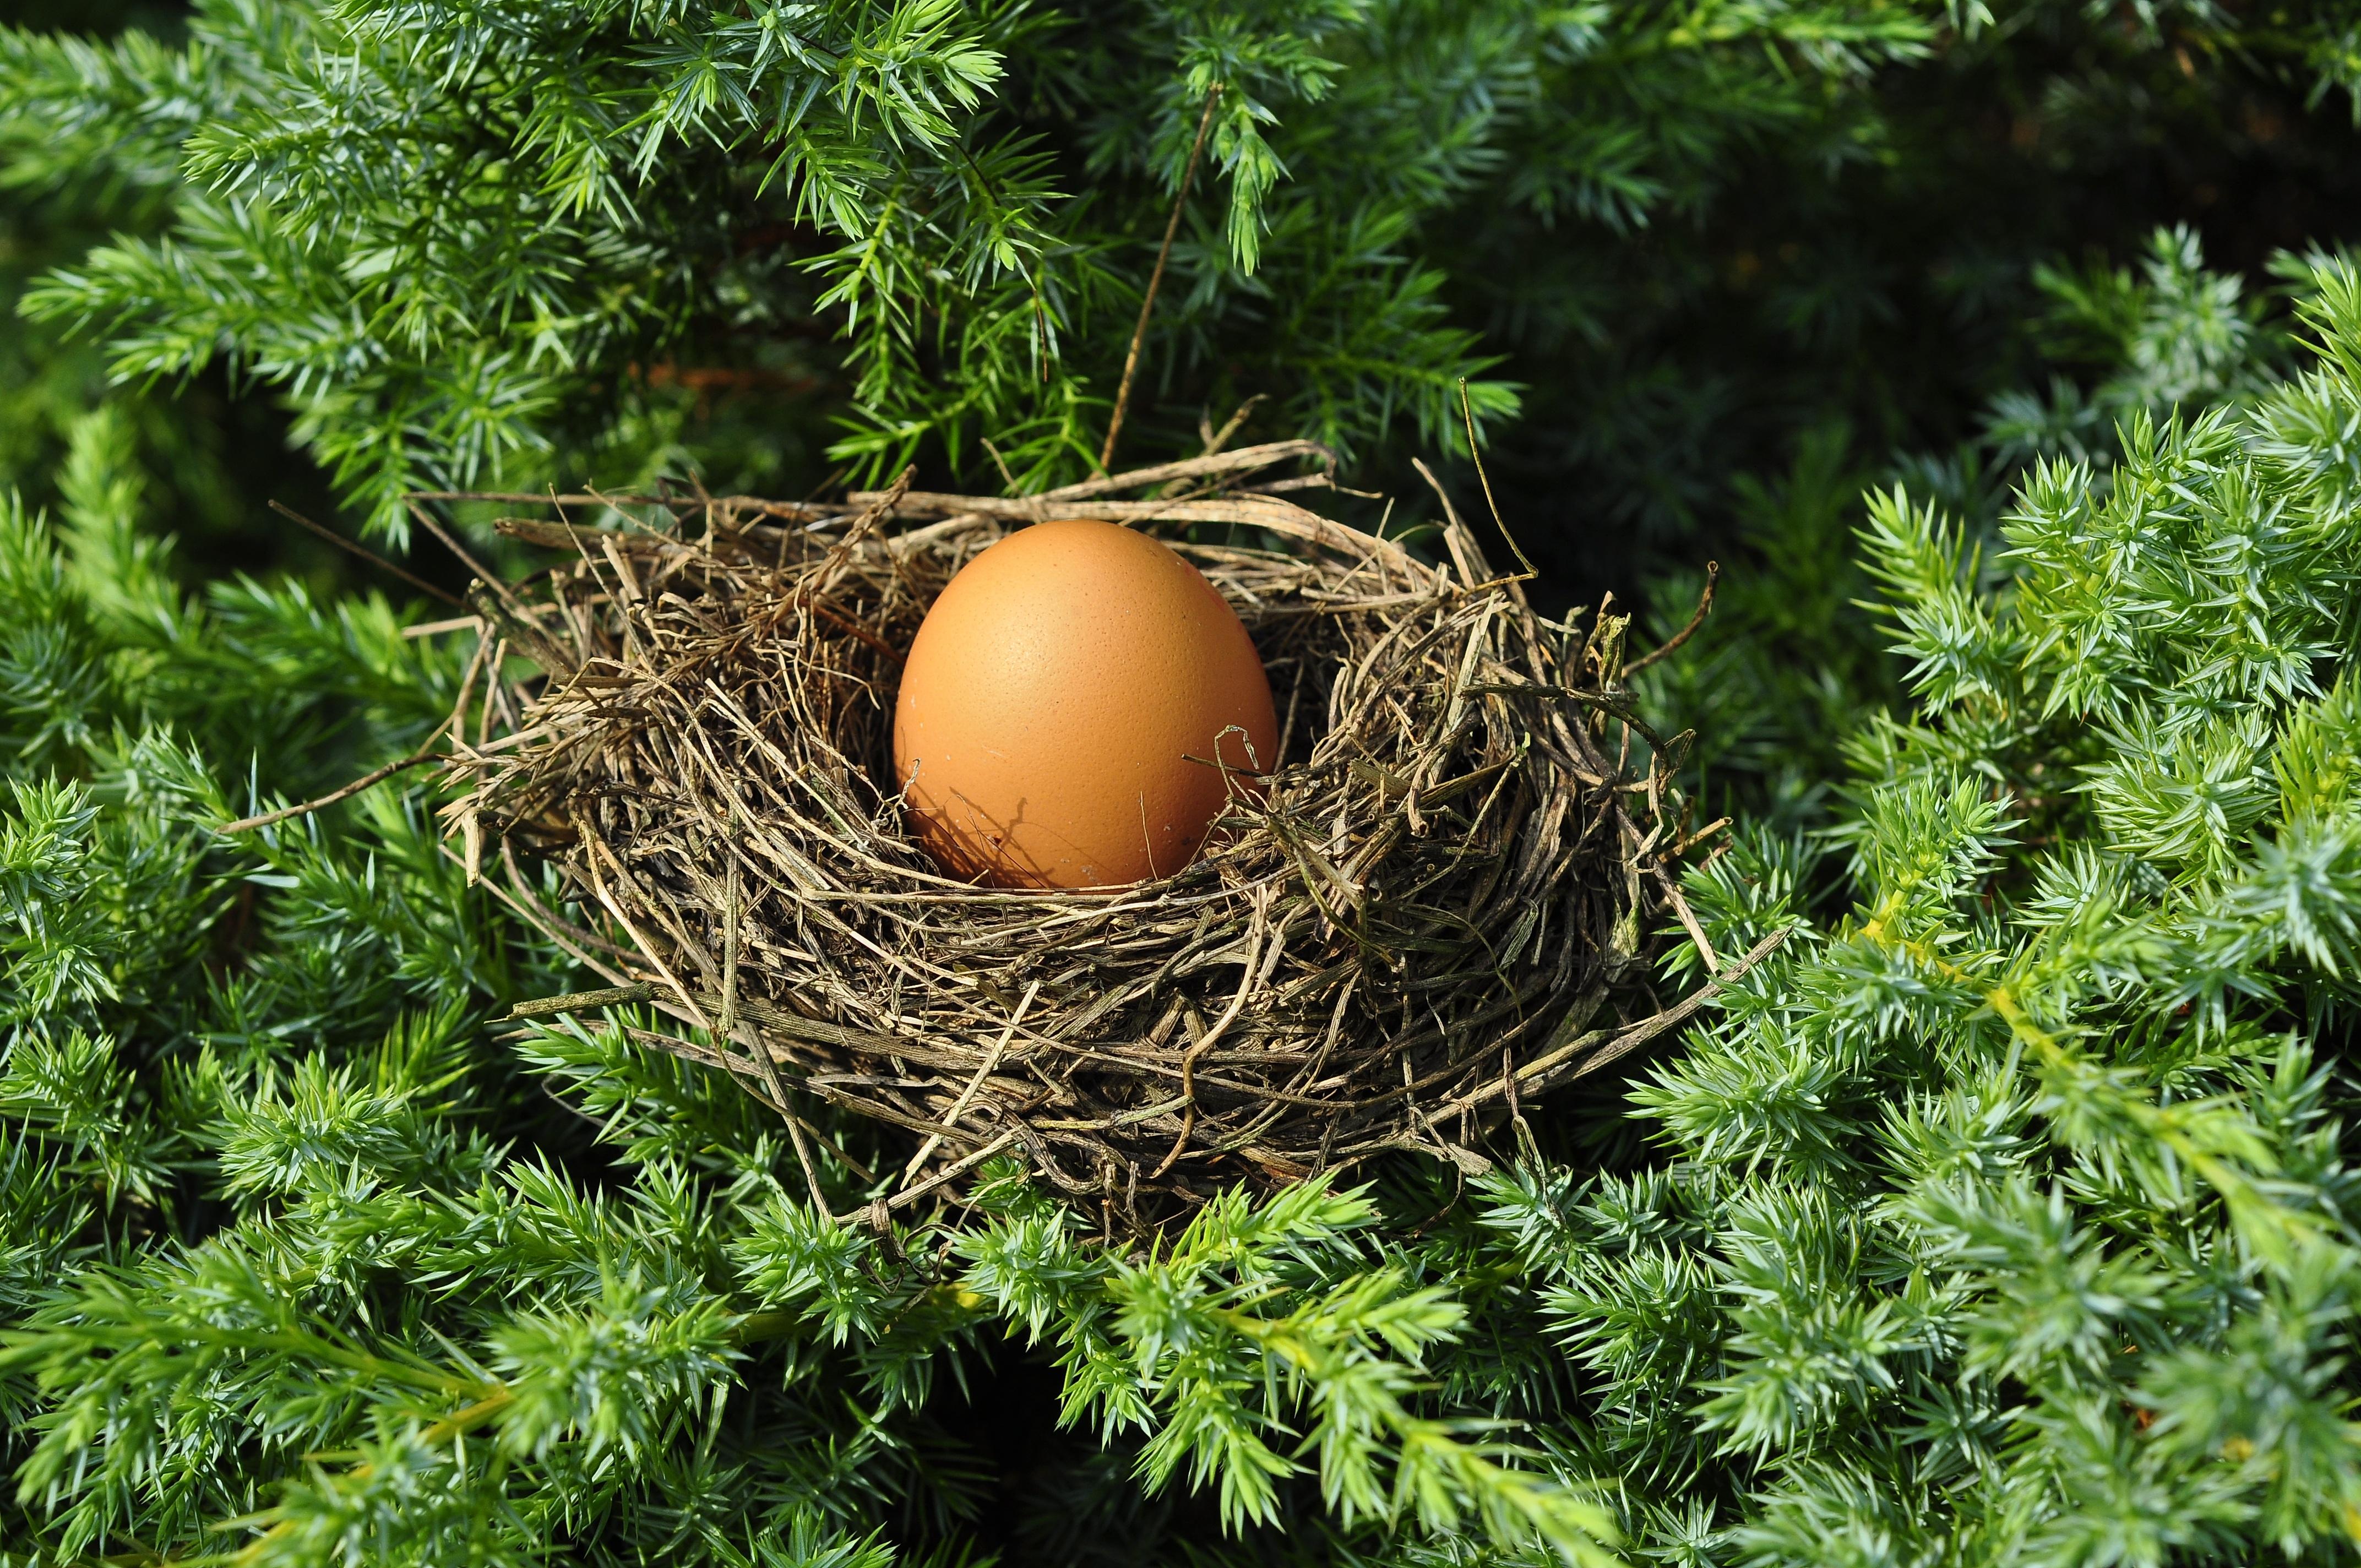 pohon rumput cabang burung taman pohon cemara telur dekorasi Natal sarang burung stopkontak pengemasan cocok sarang